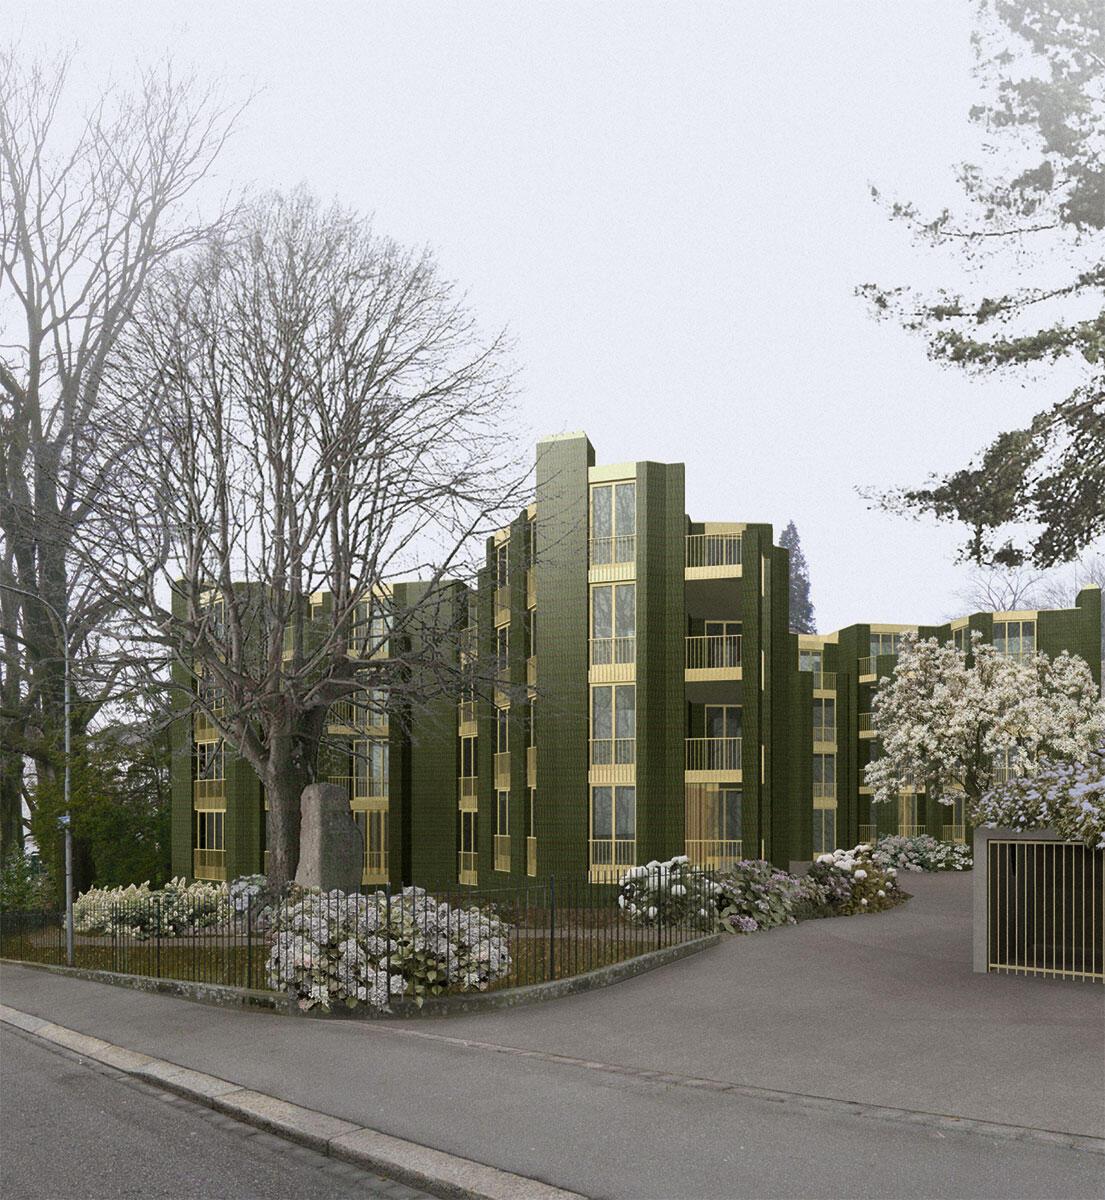 EMI Architekten. Wohnungsbau Steinwies-/Irisstrasse, Zürich-Hottingen, Wettbewerb 2001, 1. Preis, Planung und Ausführung 2011-2013. Der Bau entzieht sich einer eindeutigen typologischen und stilistischen Zuordnung.